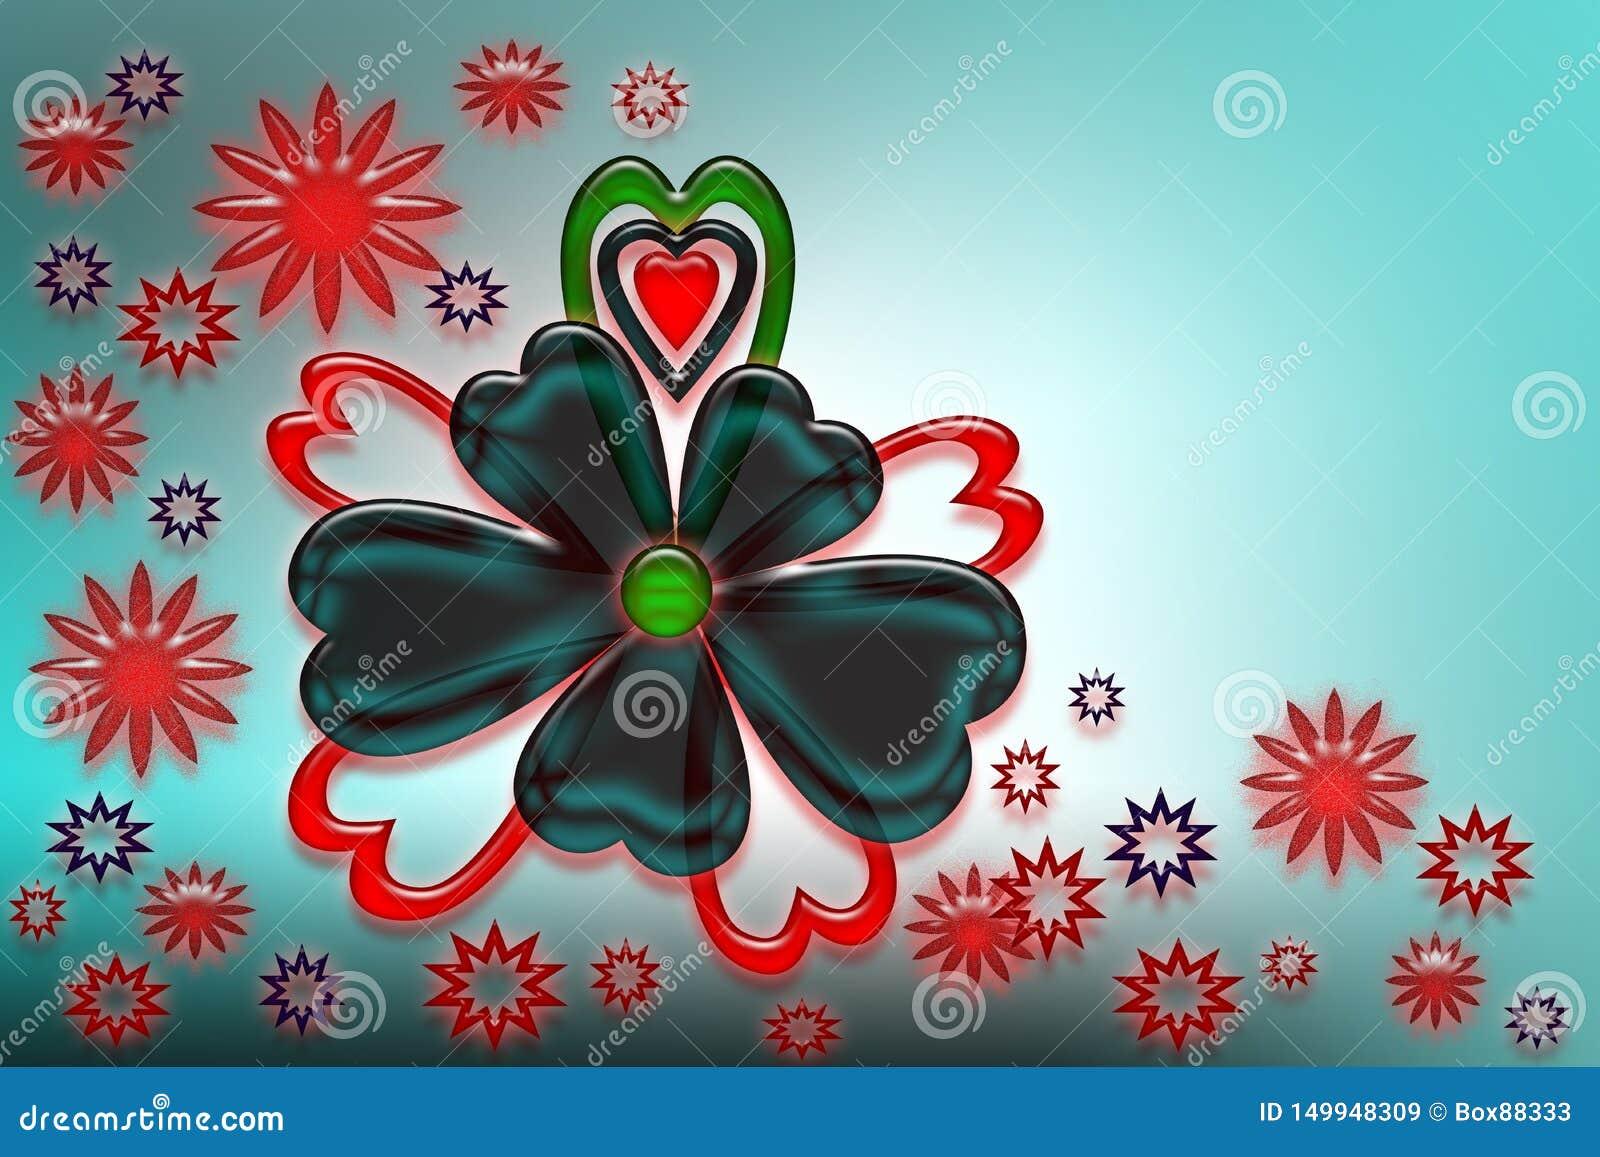 Corazones, flores y estrellas estilizados